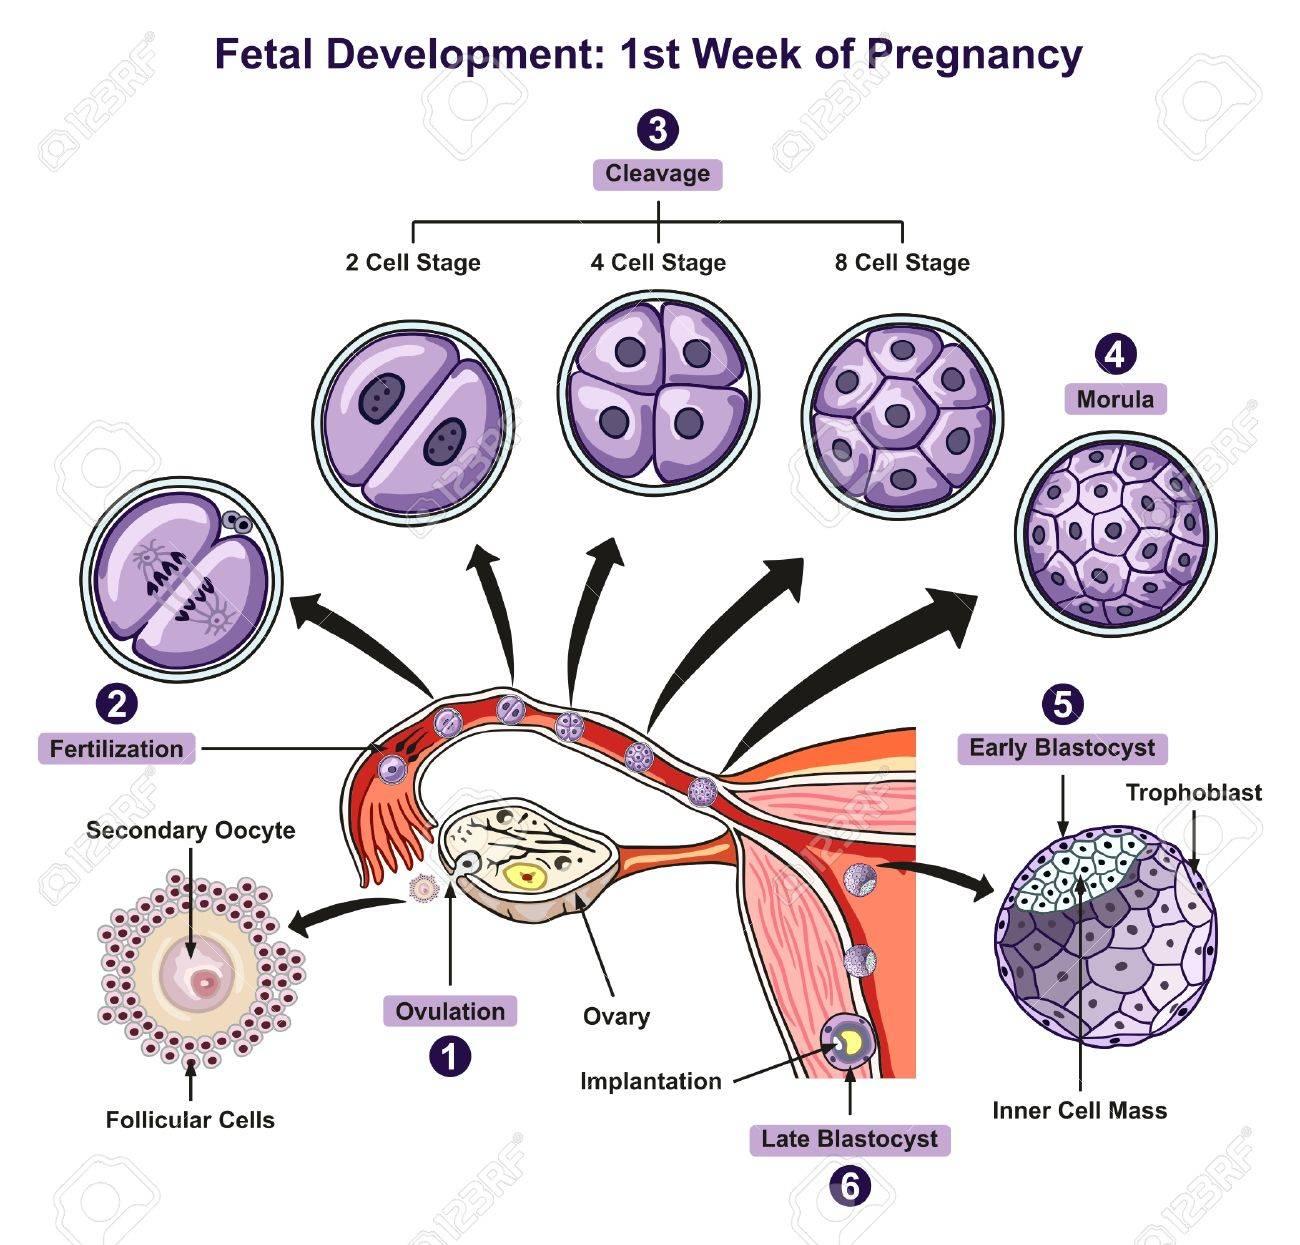 Desarrollo Fetal Primera Semana Del Embarazo Diagrama Infográfico ...